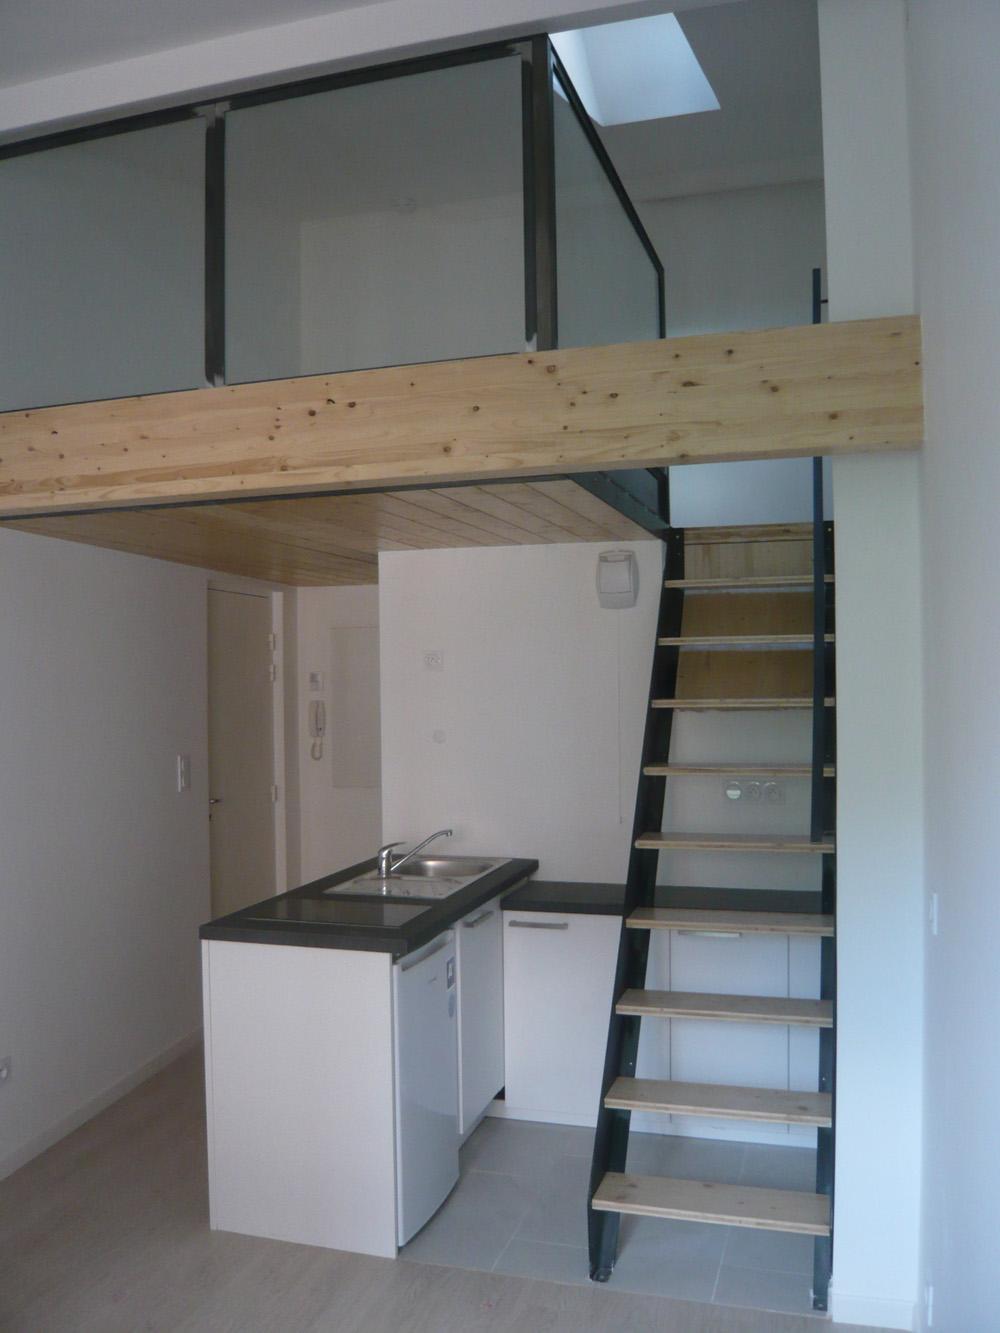 architecte-interieur-mezzanine-logement-etudiants